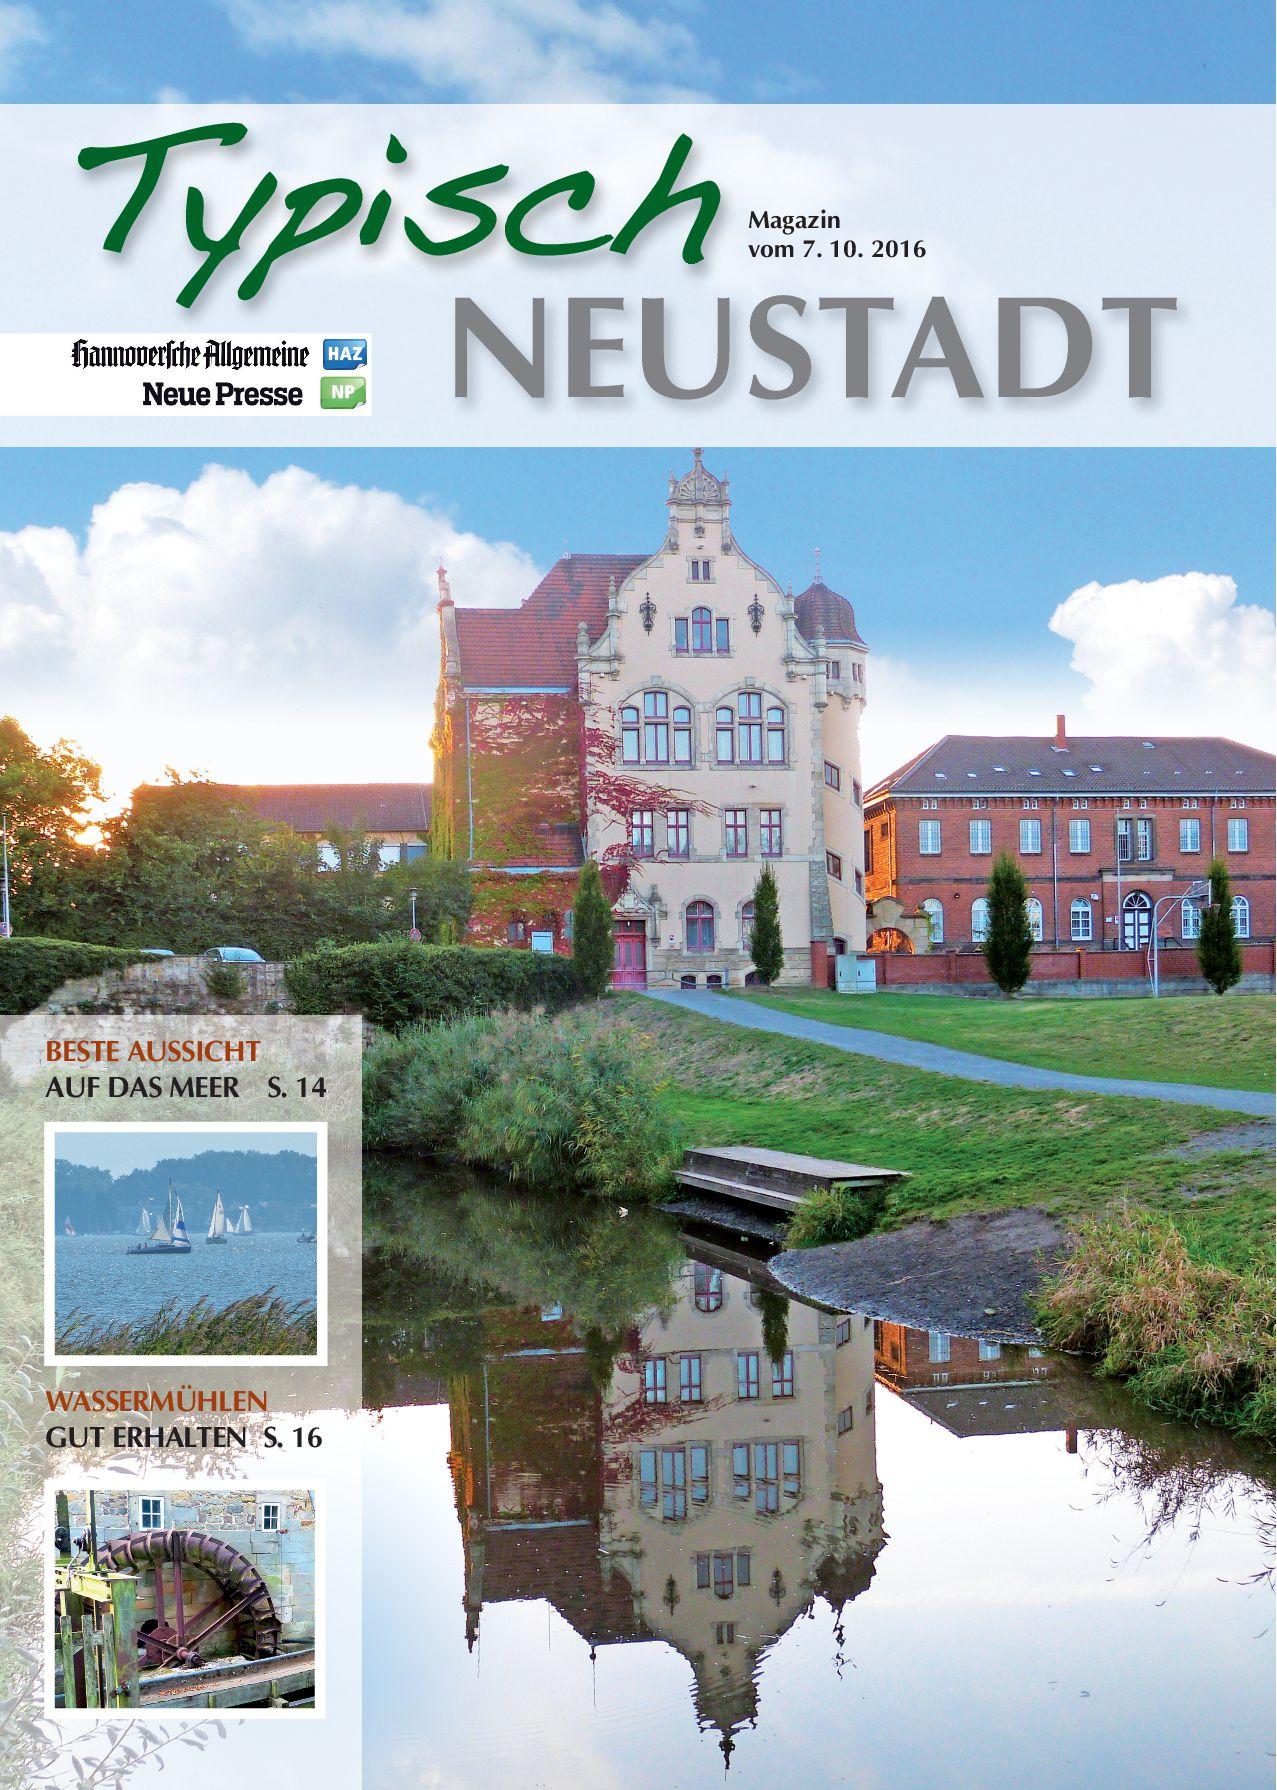 typisch-neustadt-nr-1-vom-07-10-2016